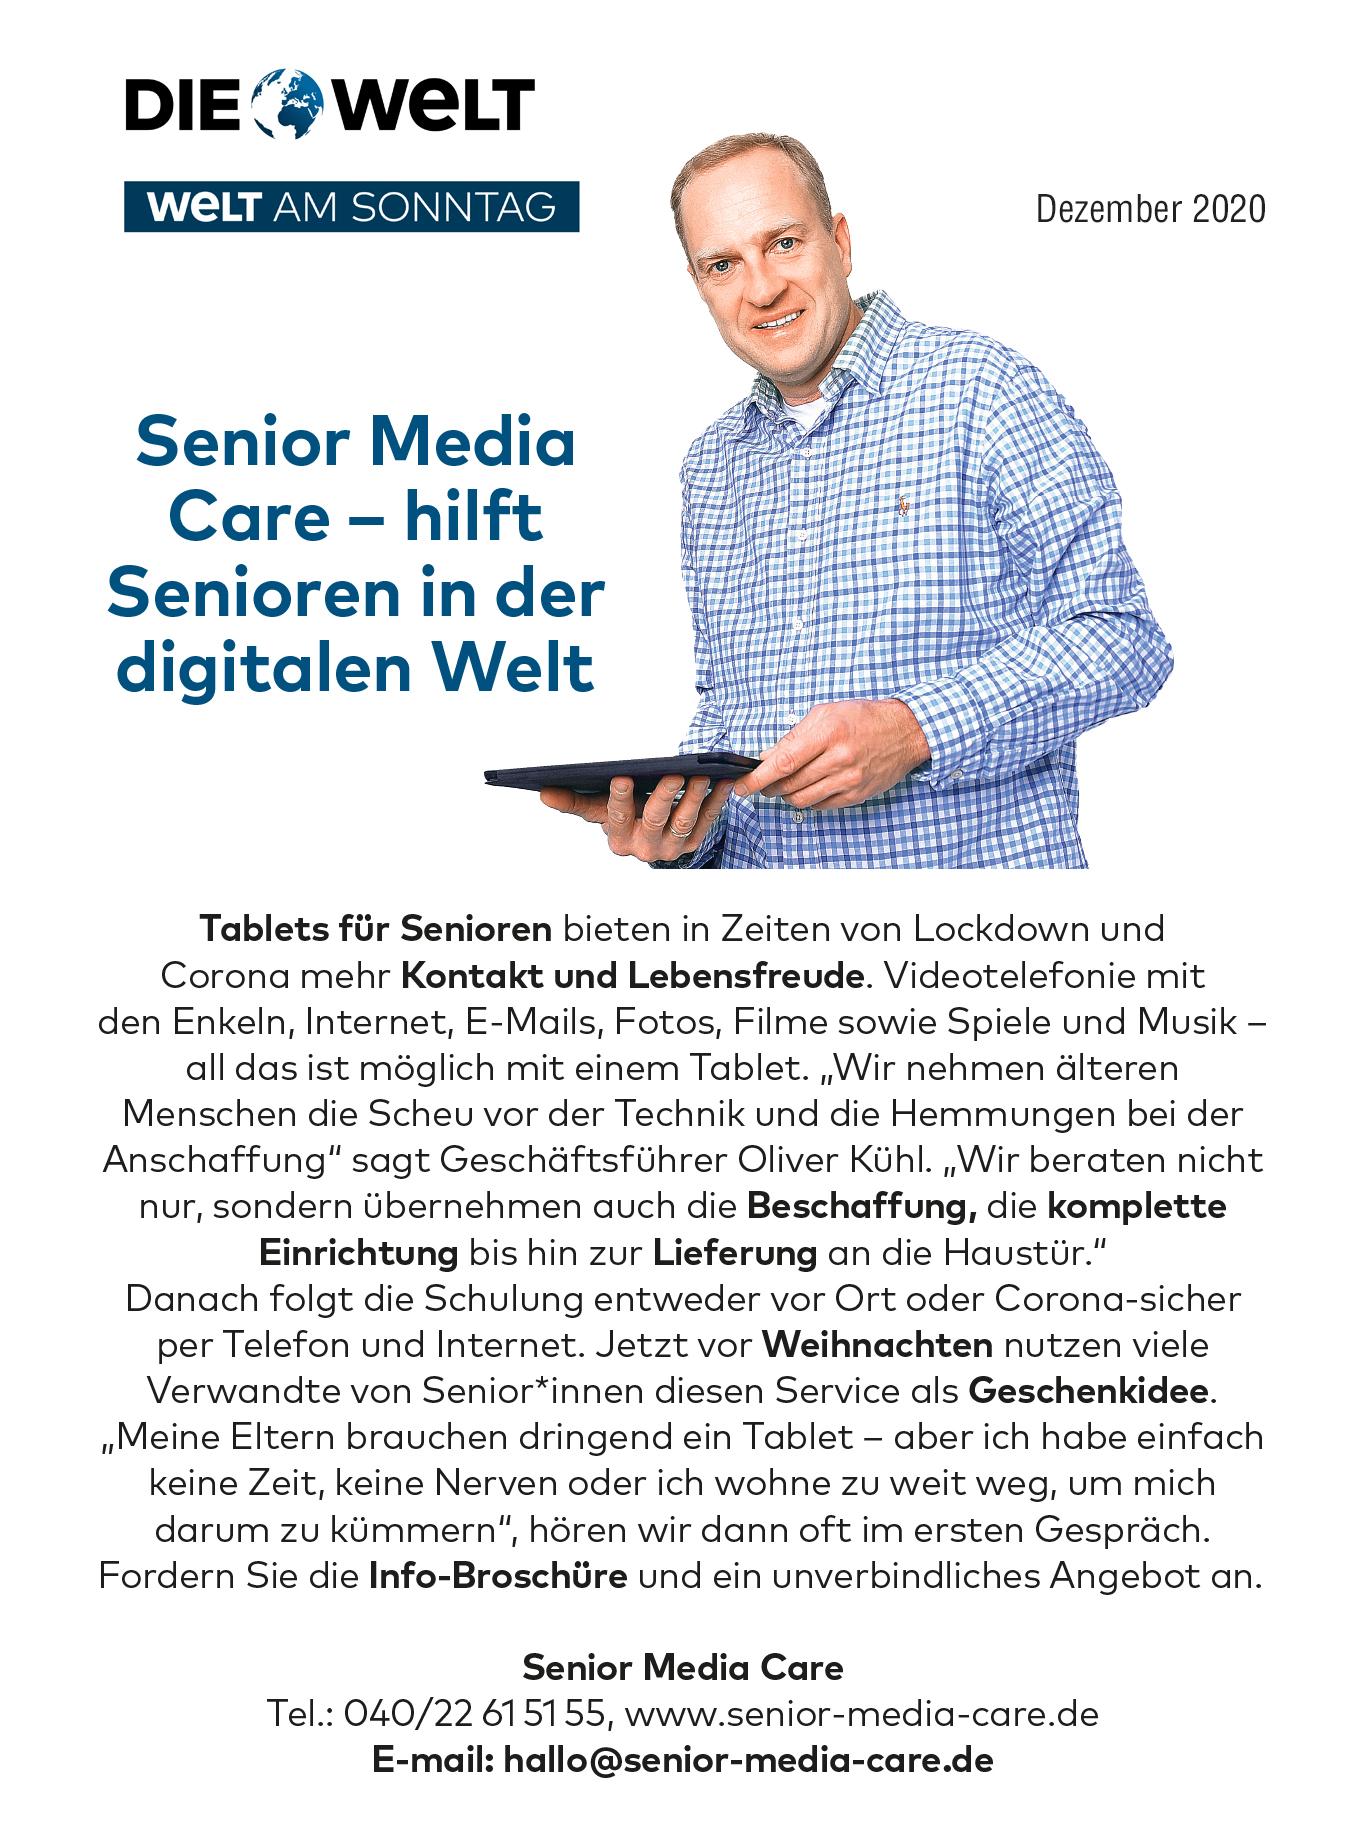 Bericht Senior Media Care Welt und Welt am Sonntag